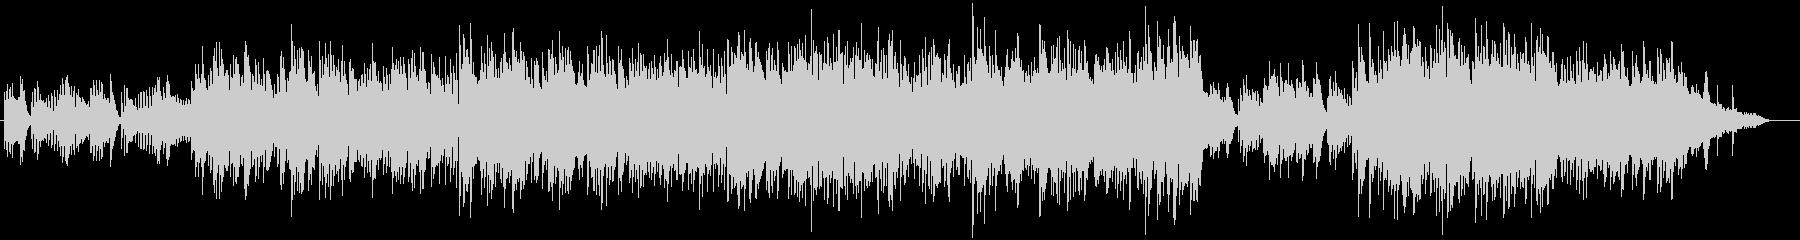 ピアノとストリングスによる切ないバラードの未再生の波形